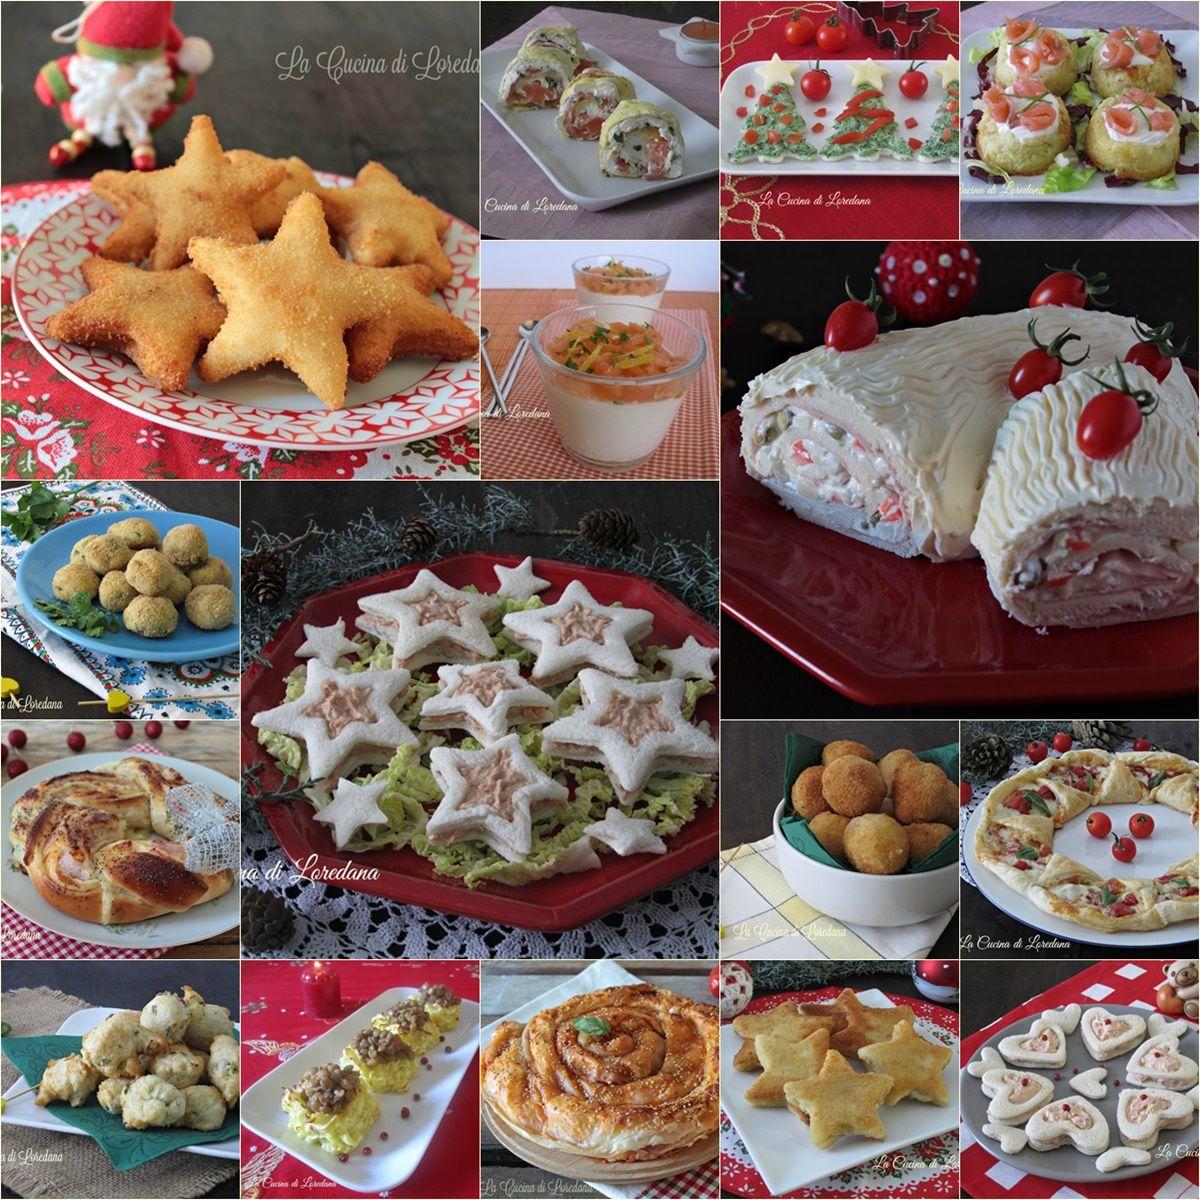 Antipasti X Il Cenone Di Natale.Antipasti Per Capodanno Tante Semplici E Sfiziose Idee Ricette Antipasti Ricette Di Cucina